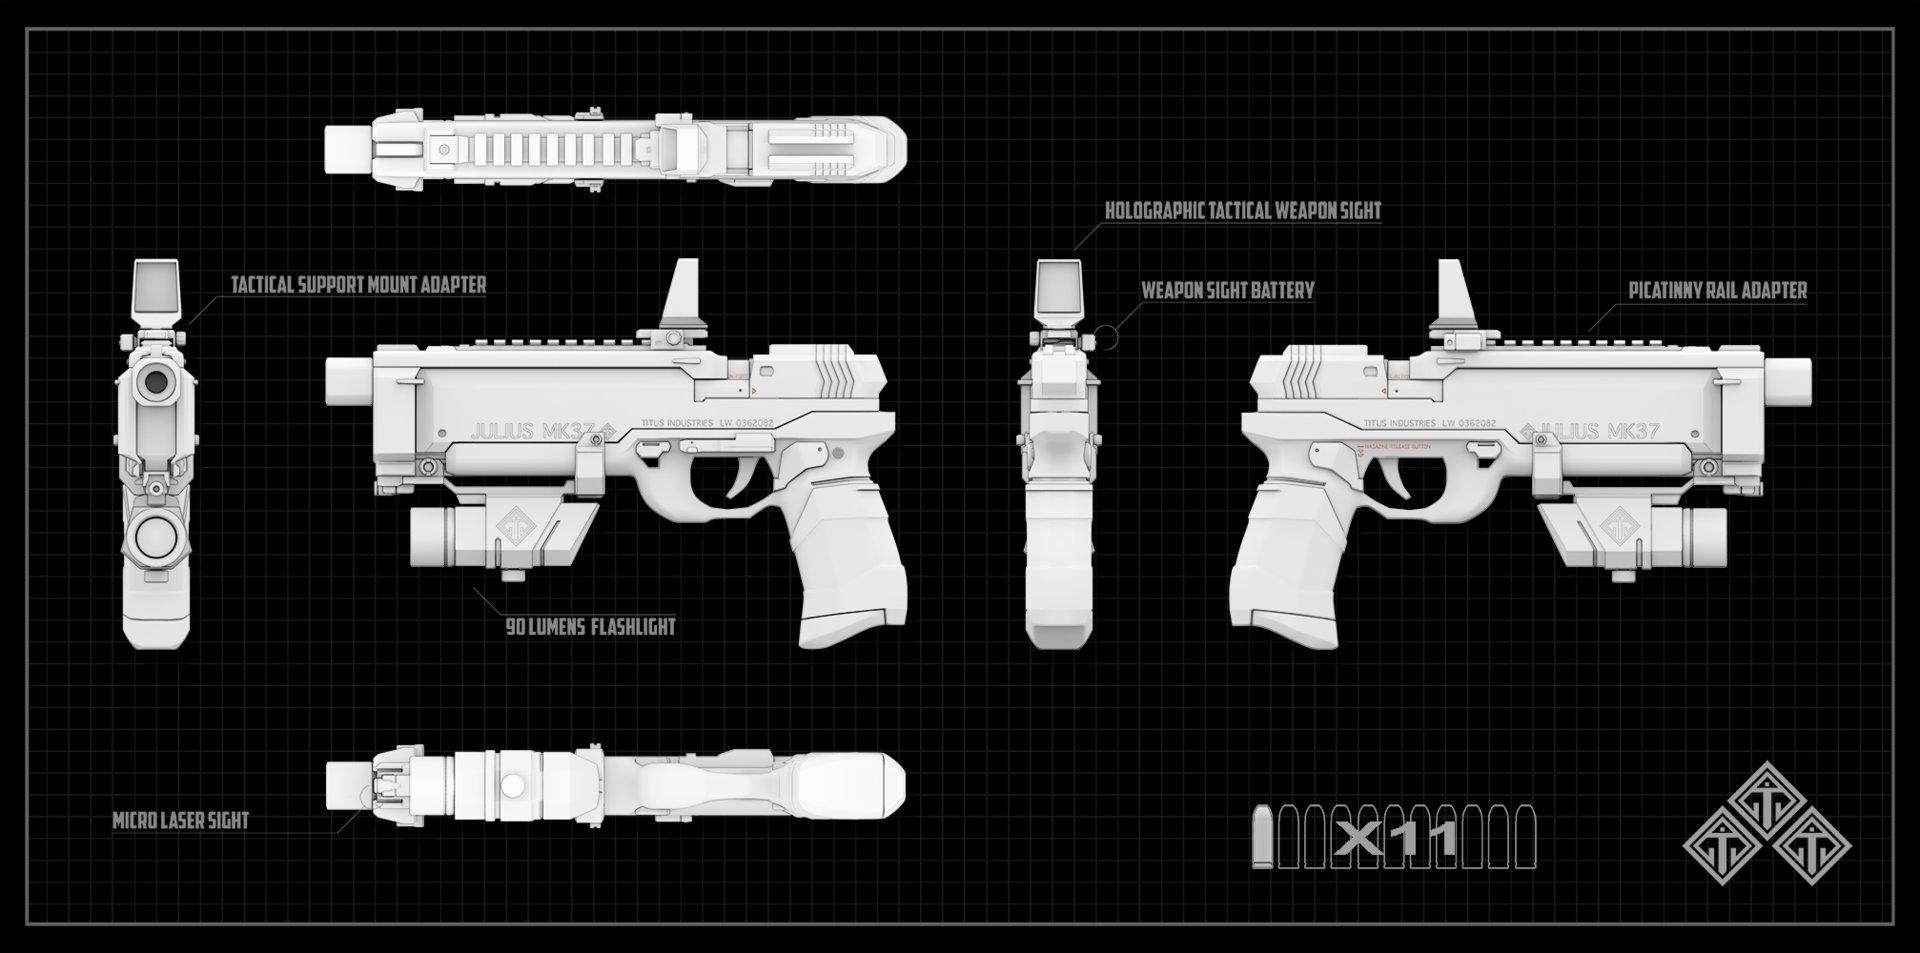 Il kim blueprint1 0810 b